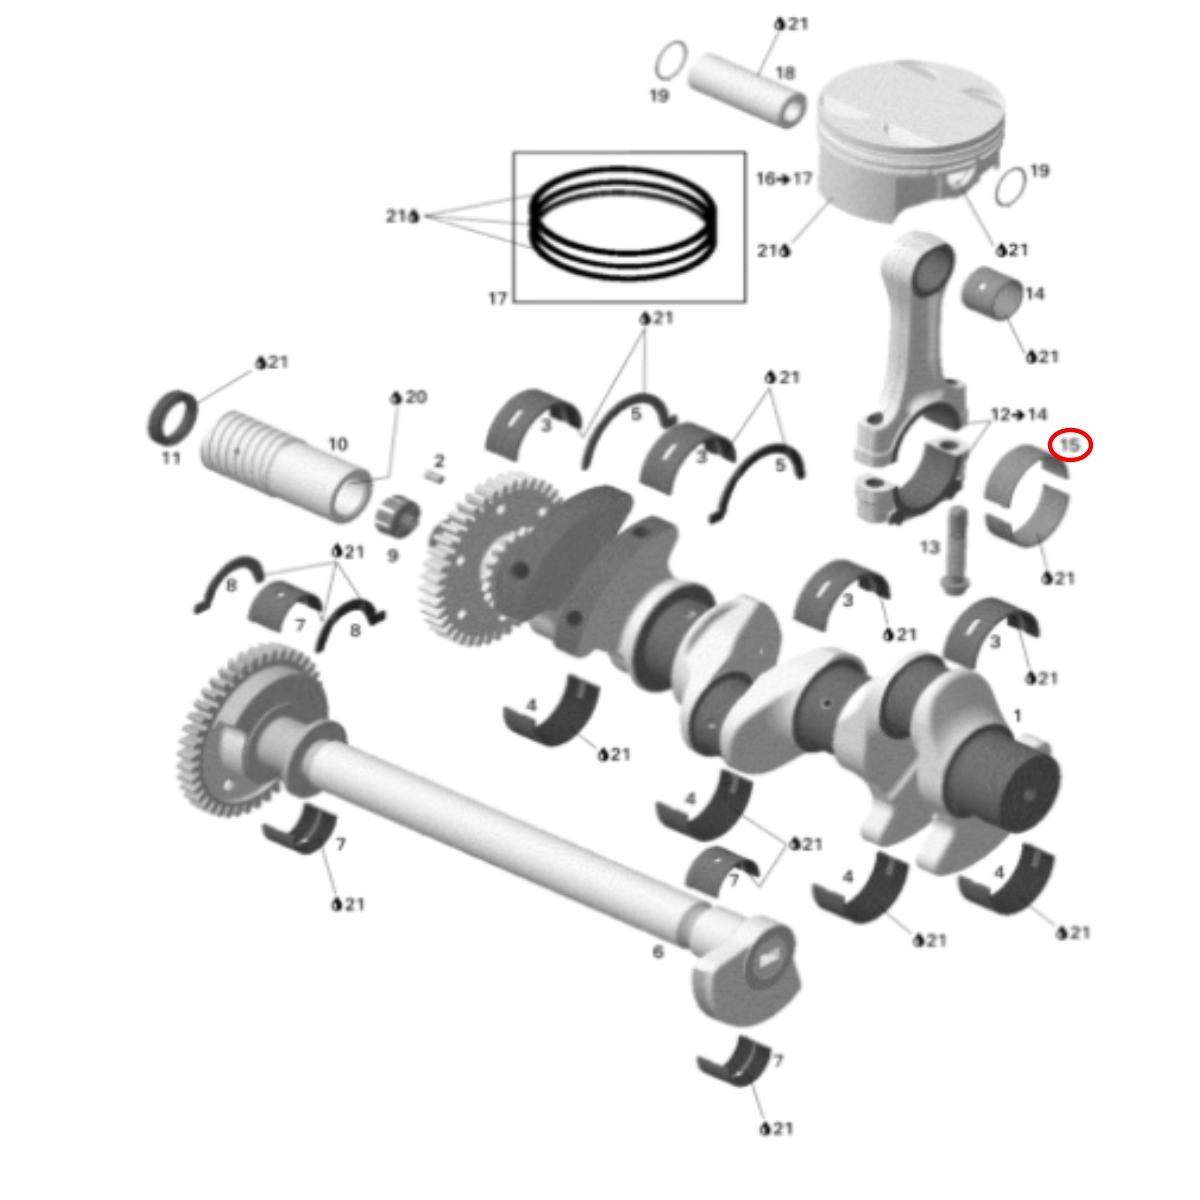 Bronzina Biela para Jet Ski Sea Doo 4 TEC (Unidade)  - Radical Peças - Peças para Jet Ski